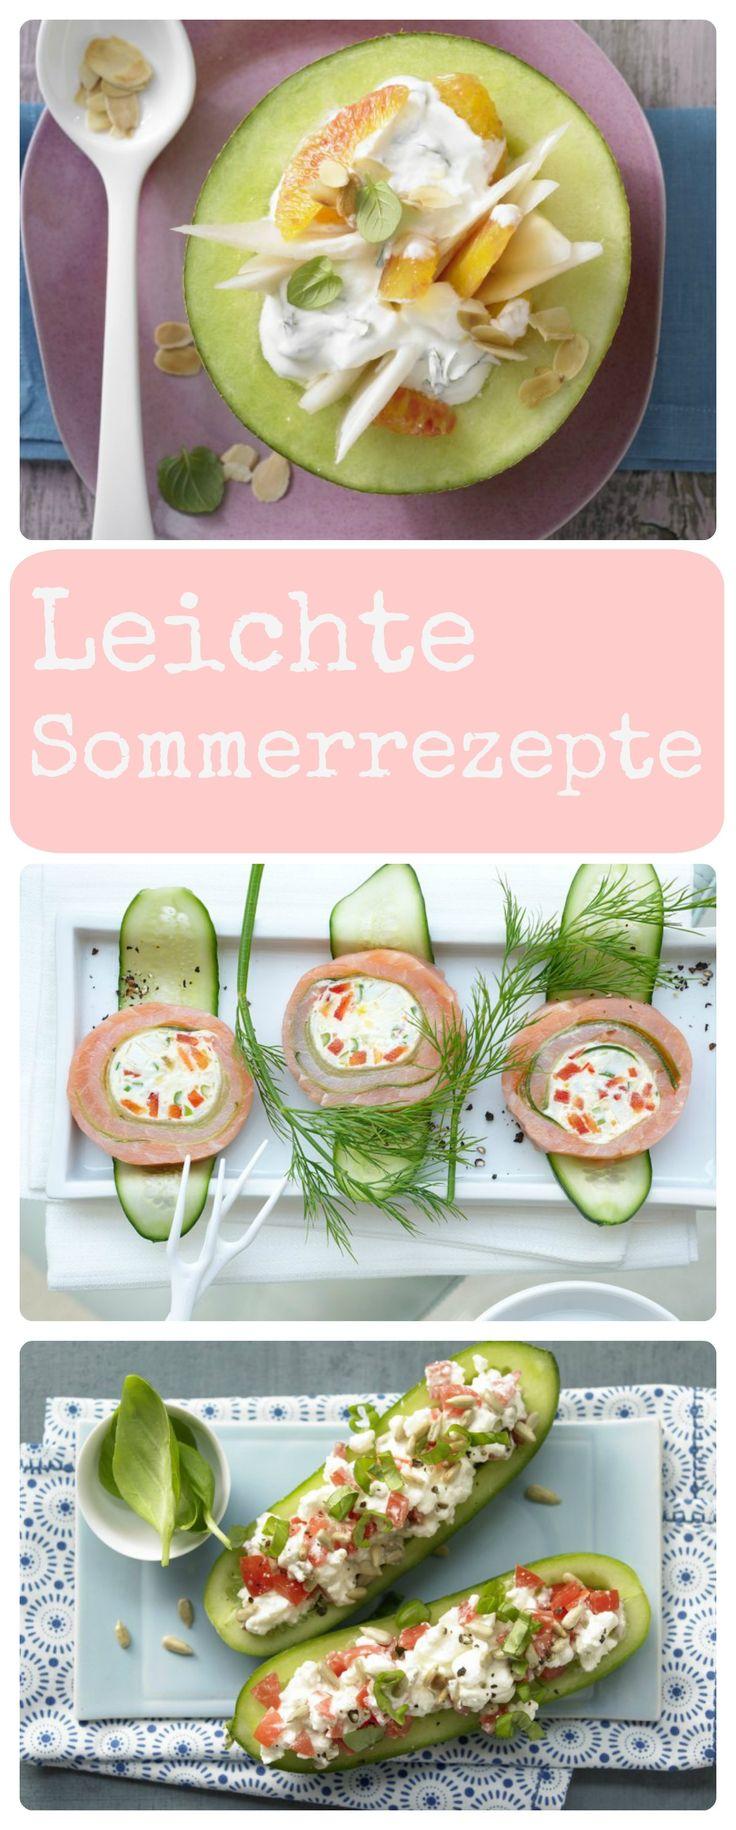 Wer kennt das nicht! Wenn die Temperaturen draußen wieder steigen, möchte man anstatt schwerer Kost viel lieber leichte Sommerrezepte genießen. Egal ob leckere Salate, kalte Suppen, erfrischende Getränke oder kleine Snacks: Leichte Sommerrezepte | http://eatsmarter.de/rezepte/rezeptsammlungen/fotos-3#/0